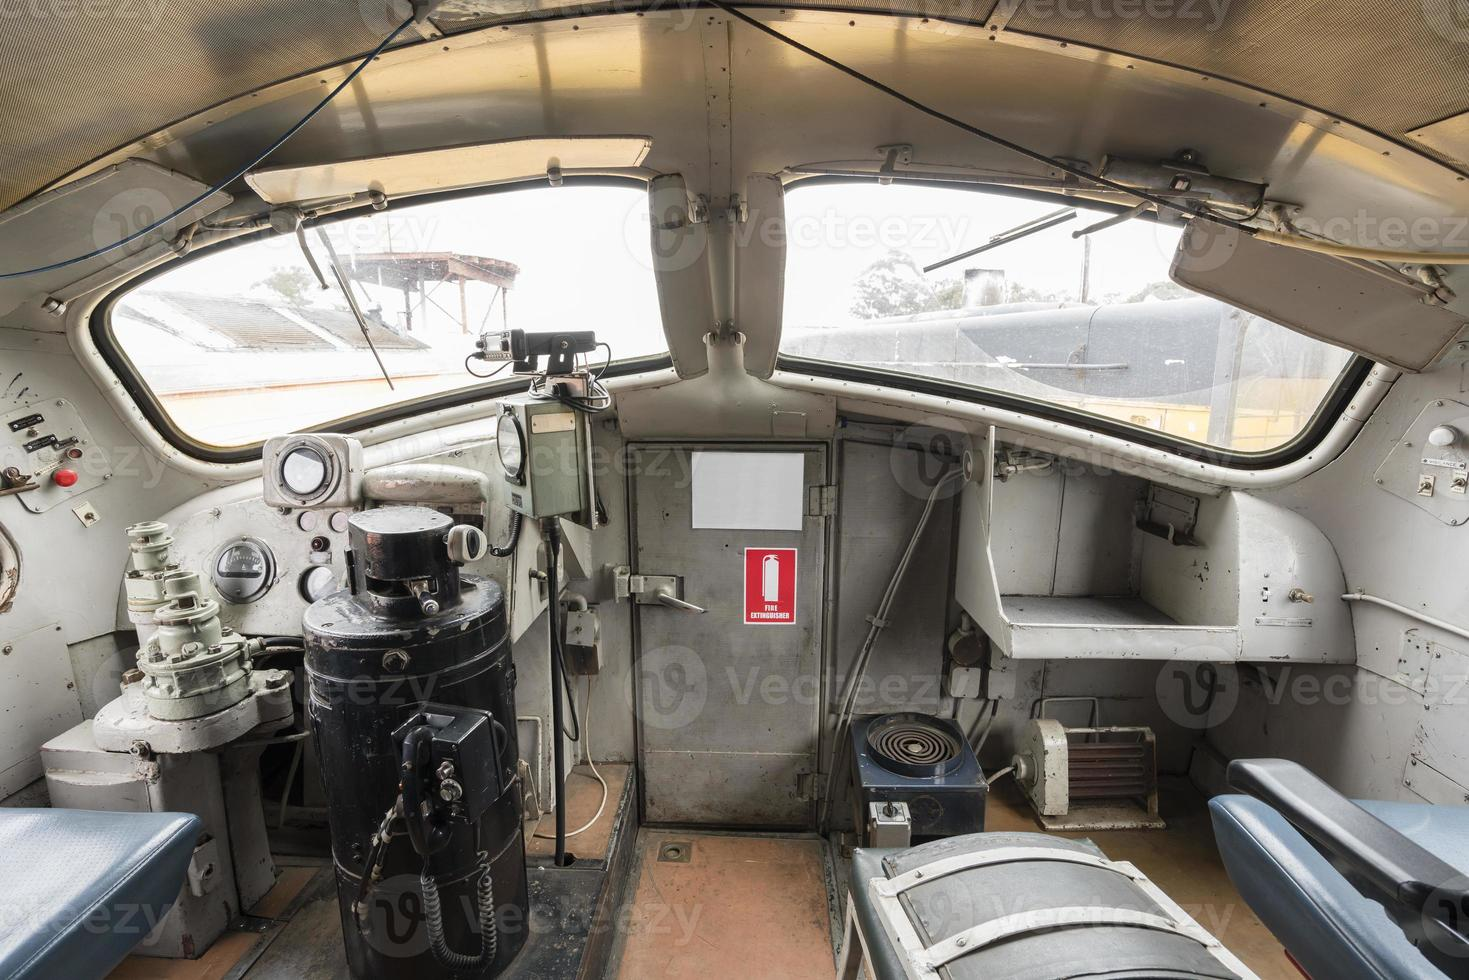 cabina de conductor de una locomotora diesel foto